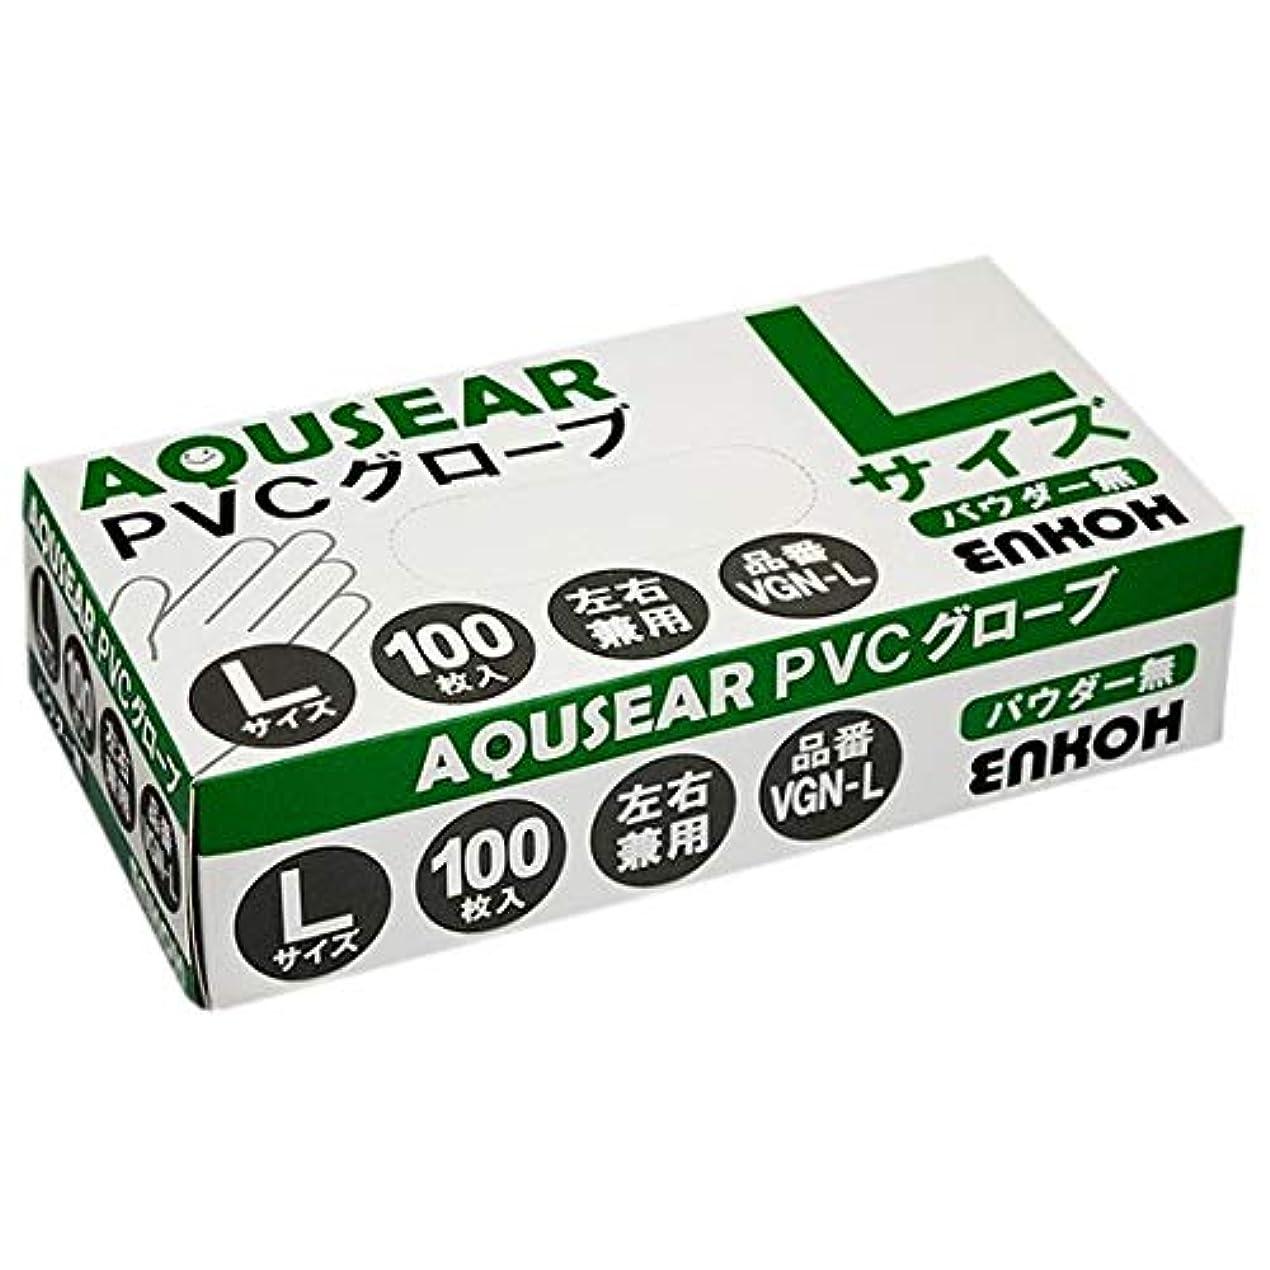 靴かりて旧正月AQUSEAR PVC プラスチックグローブ Lサイズ パウダー無 VGN-L 100枚×20箱